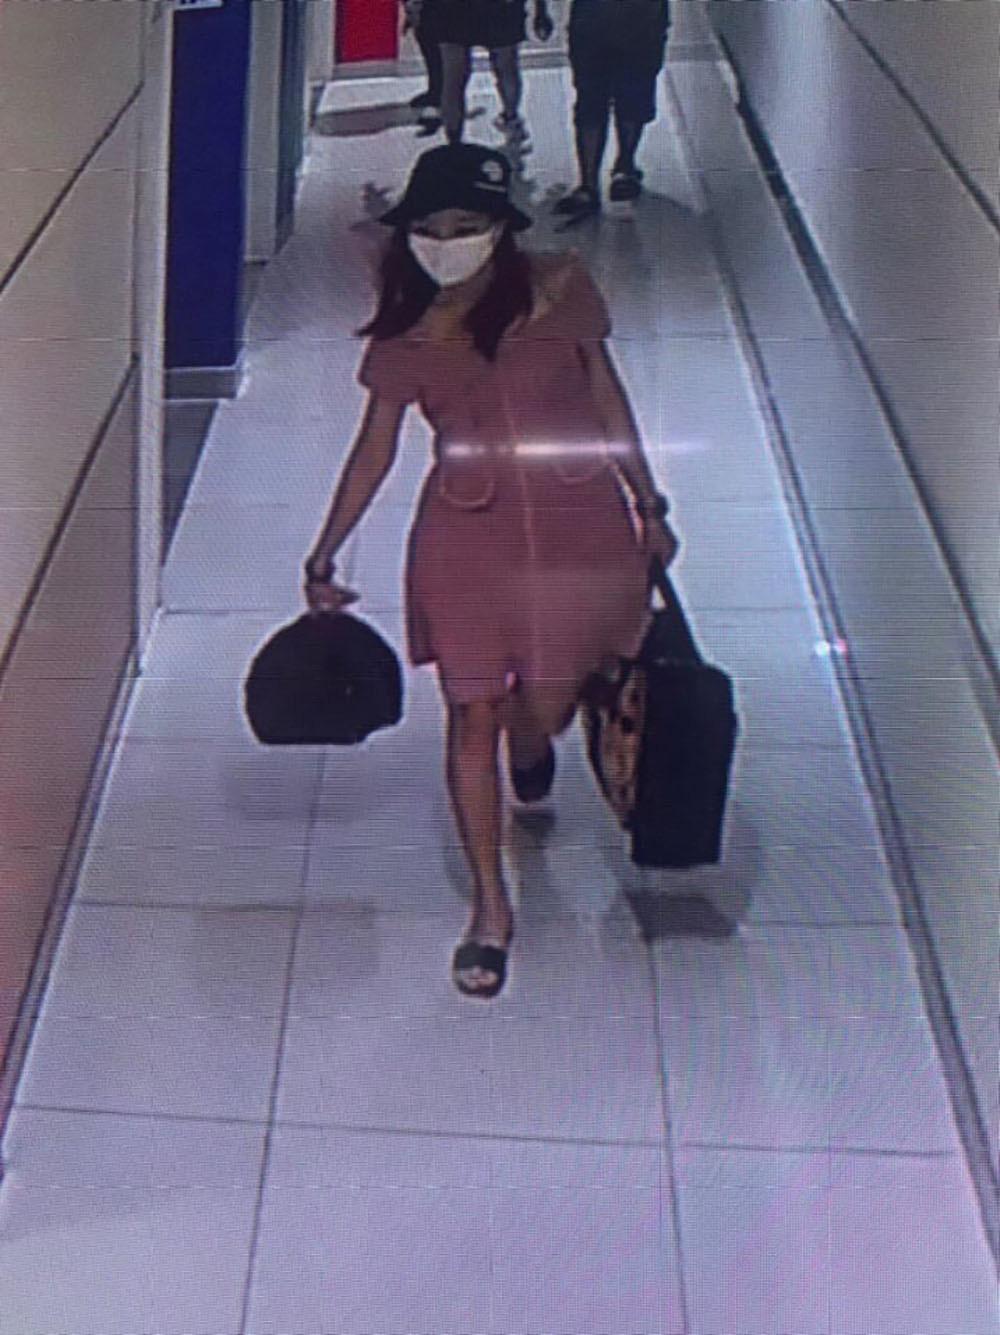 Tình tiết khó tin vụ nữ nghi can cướp 2 tỷ tại ngân hàng Techcombank - Ảnh 3.